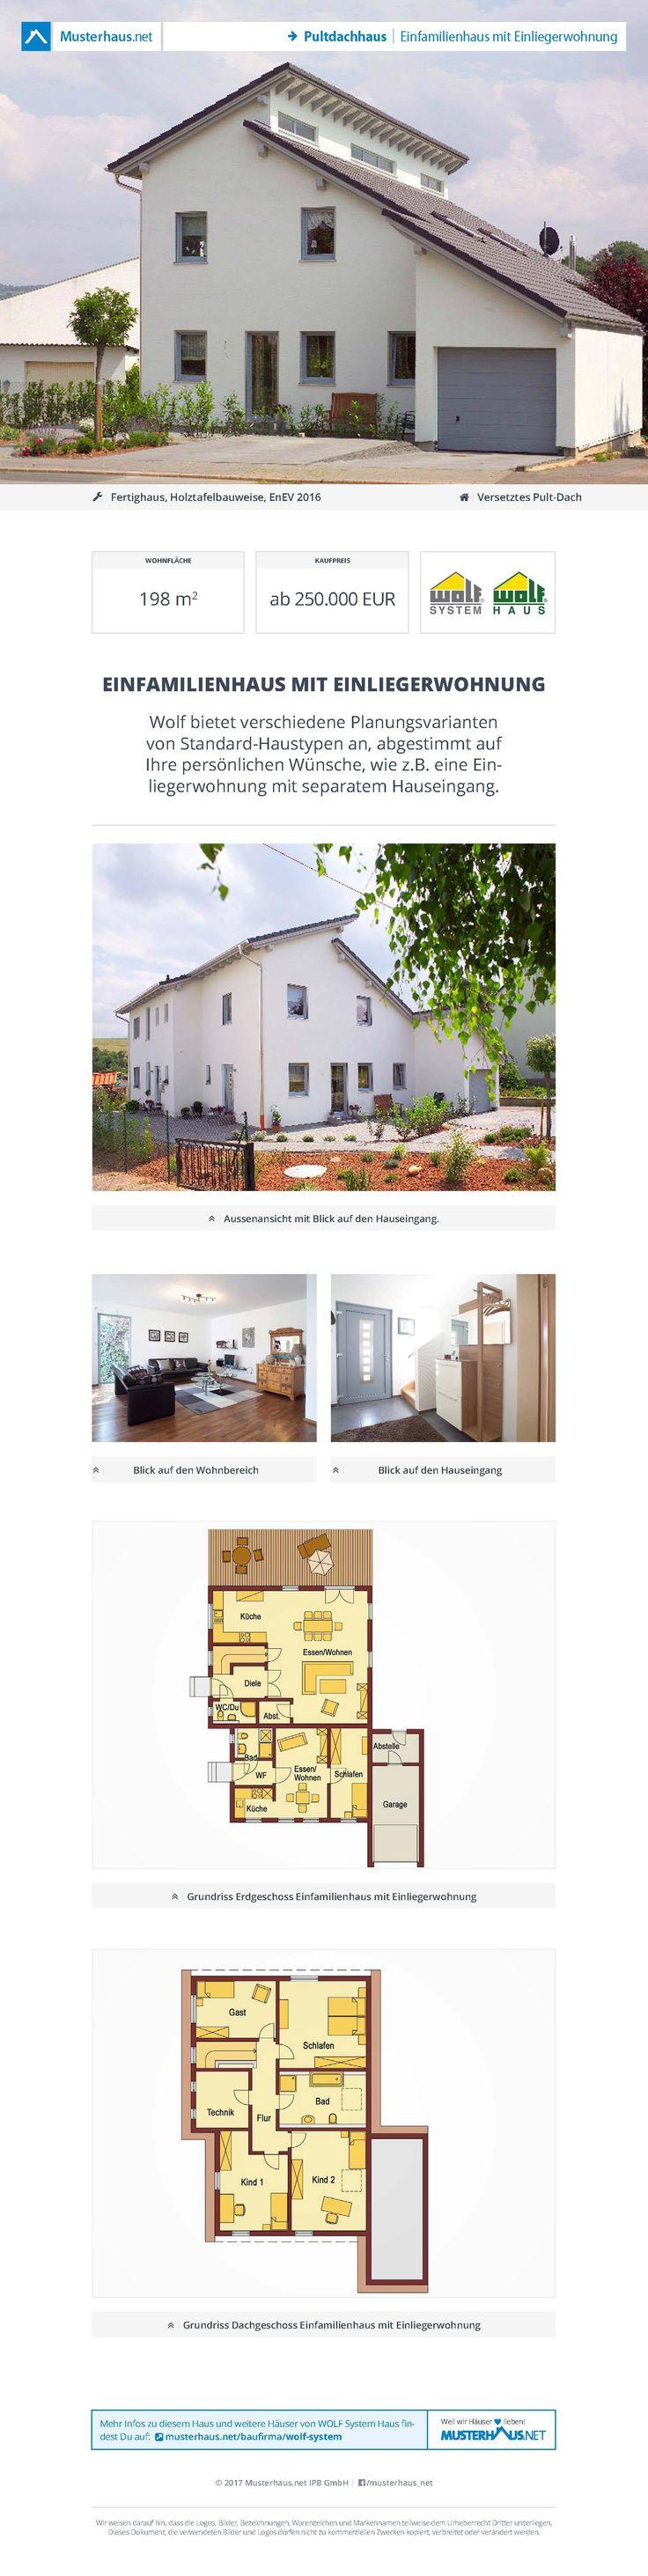 16 best Haus mit Einliegerwohnung images on Pinterest | Haus mit ...